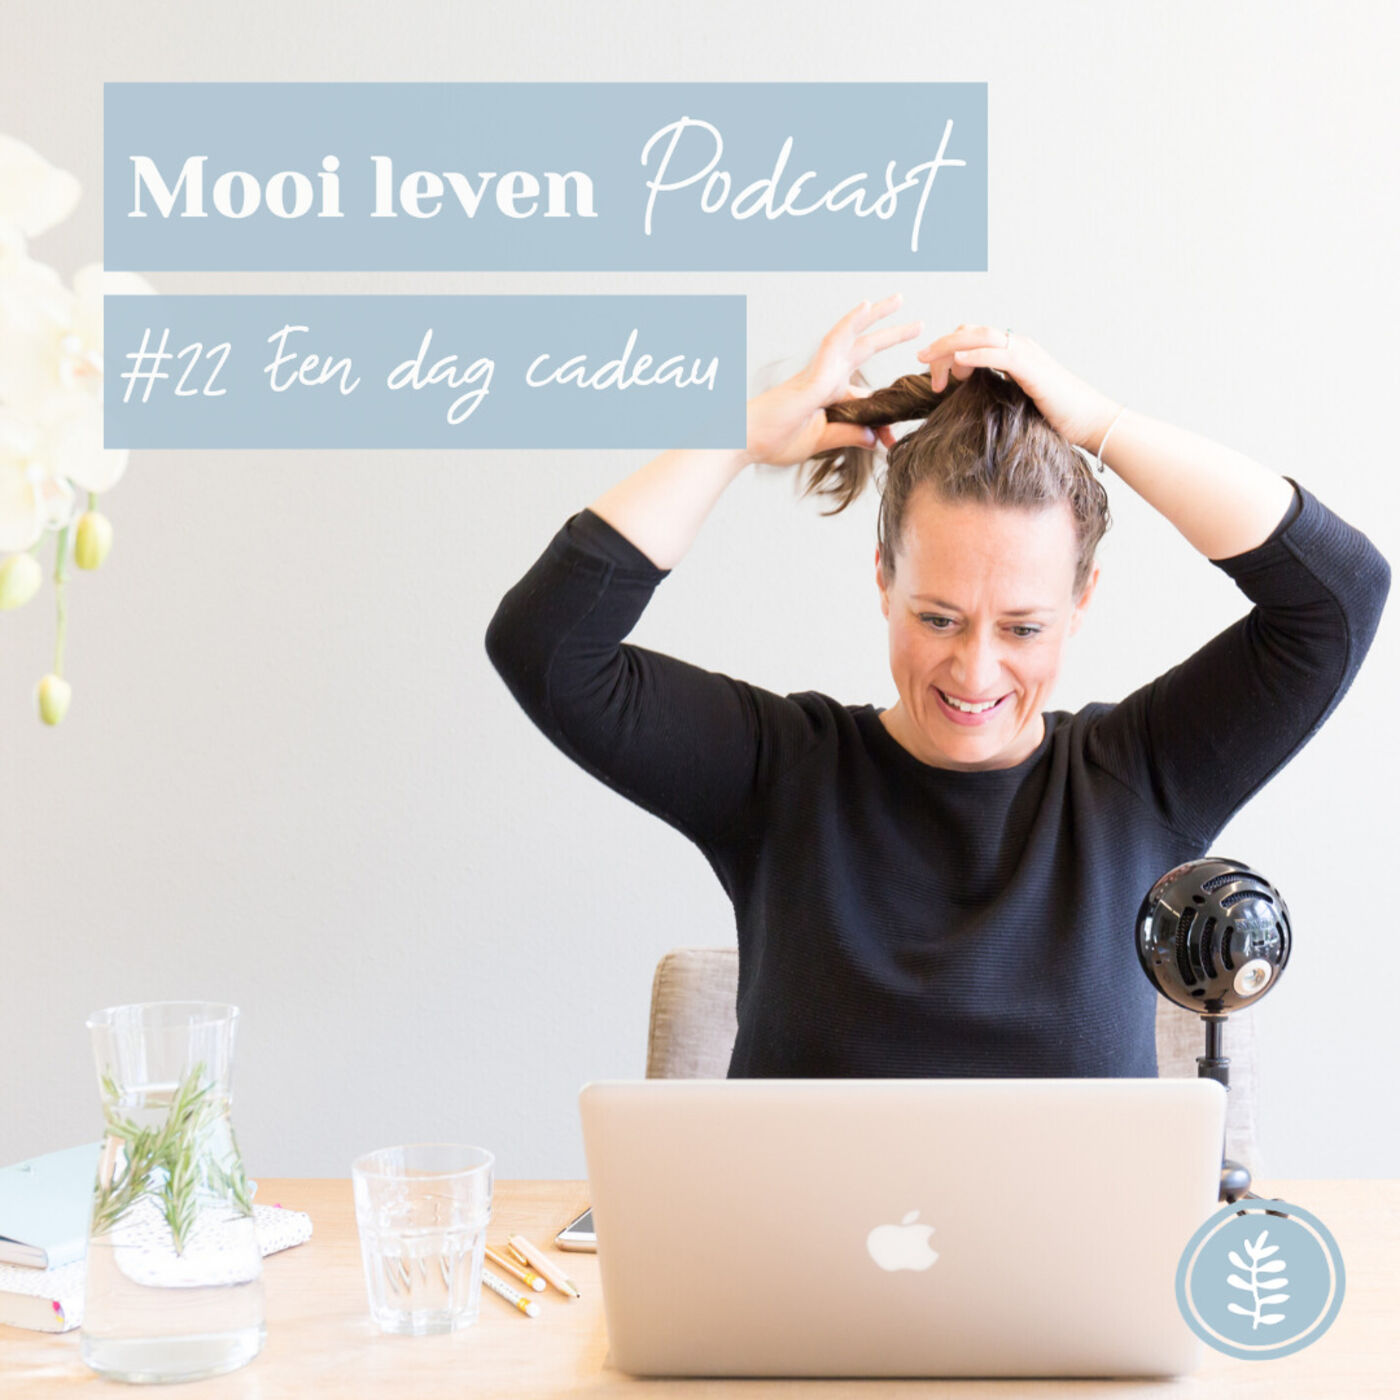 Mooi Leven Podcast #22 | Een dag cadeau